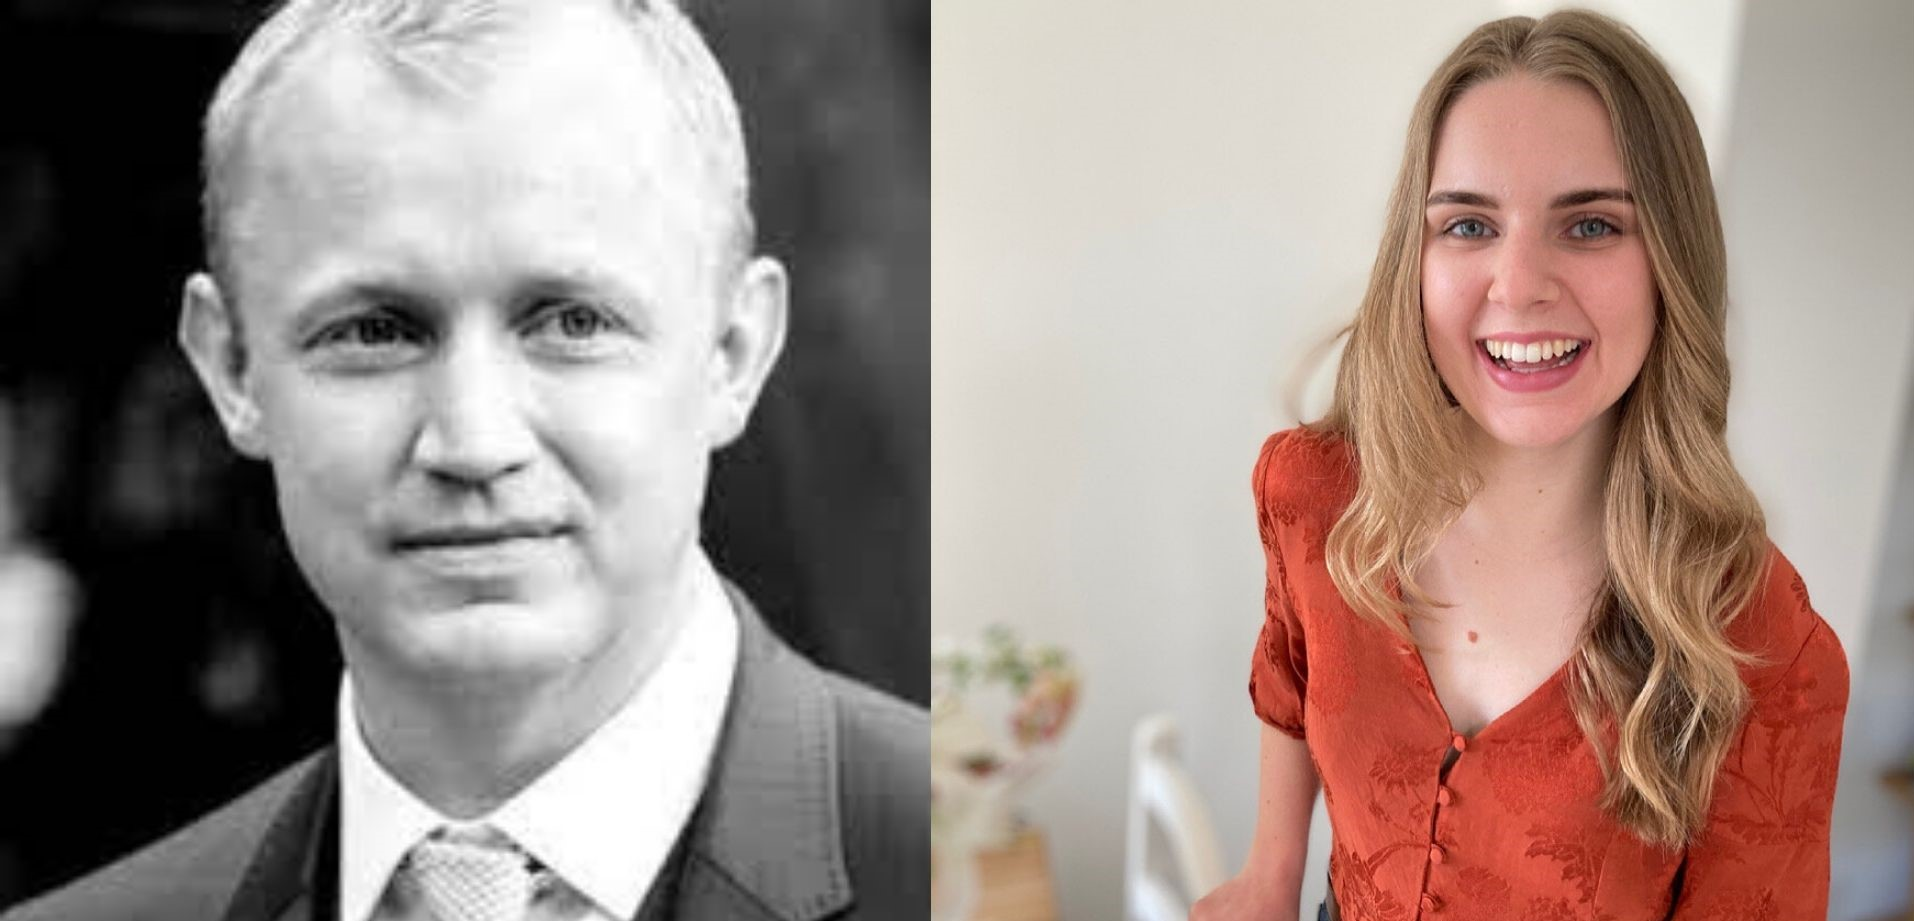 Alan Oram and Lauren Castle